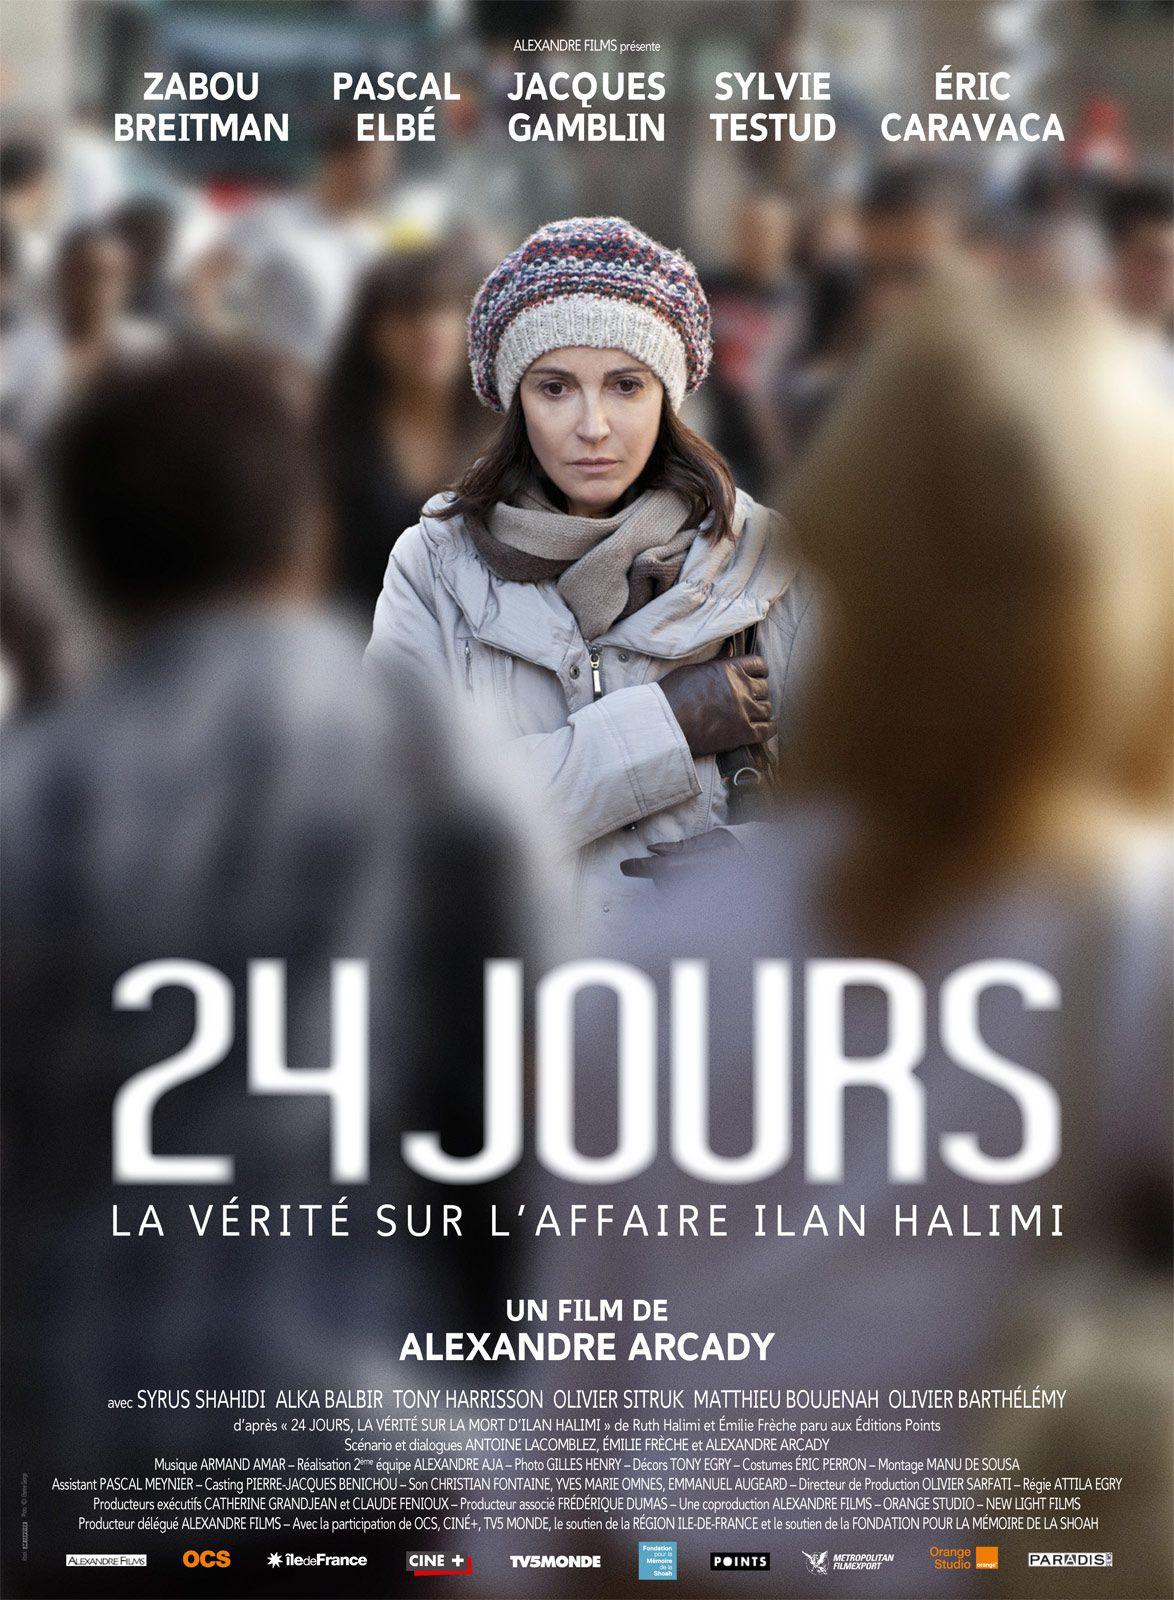 24 jours, la vérité sur l'affaire Ilan Halimi - Film (2014)